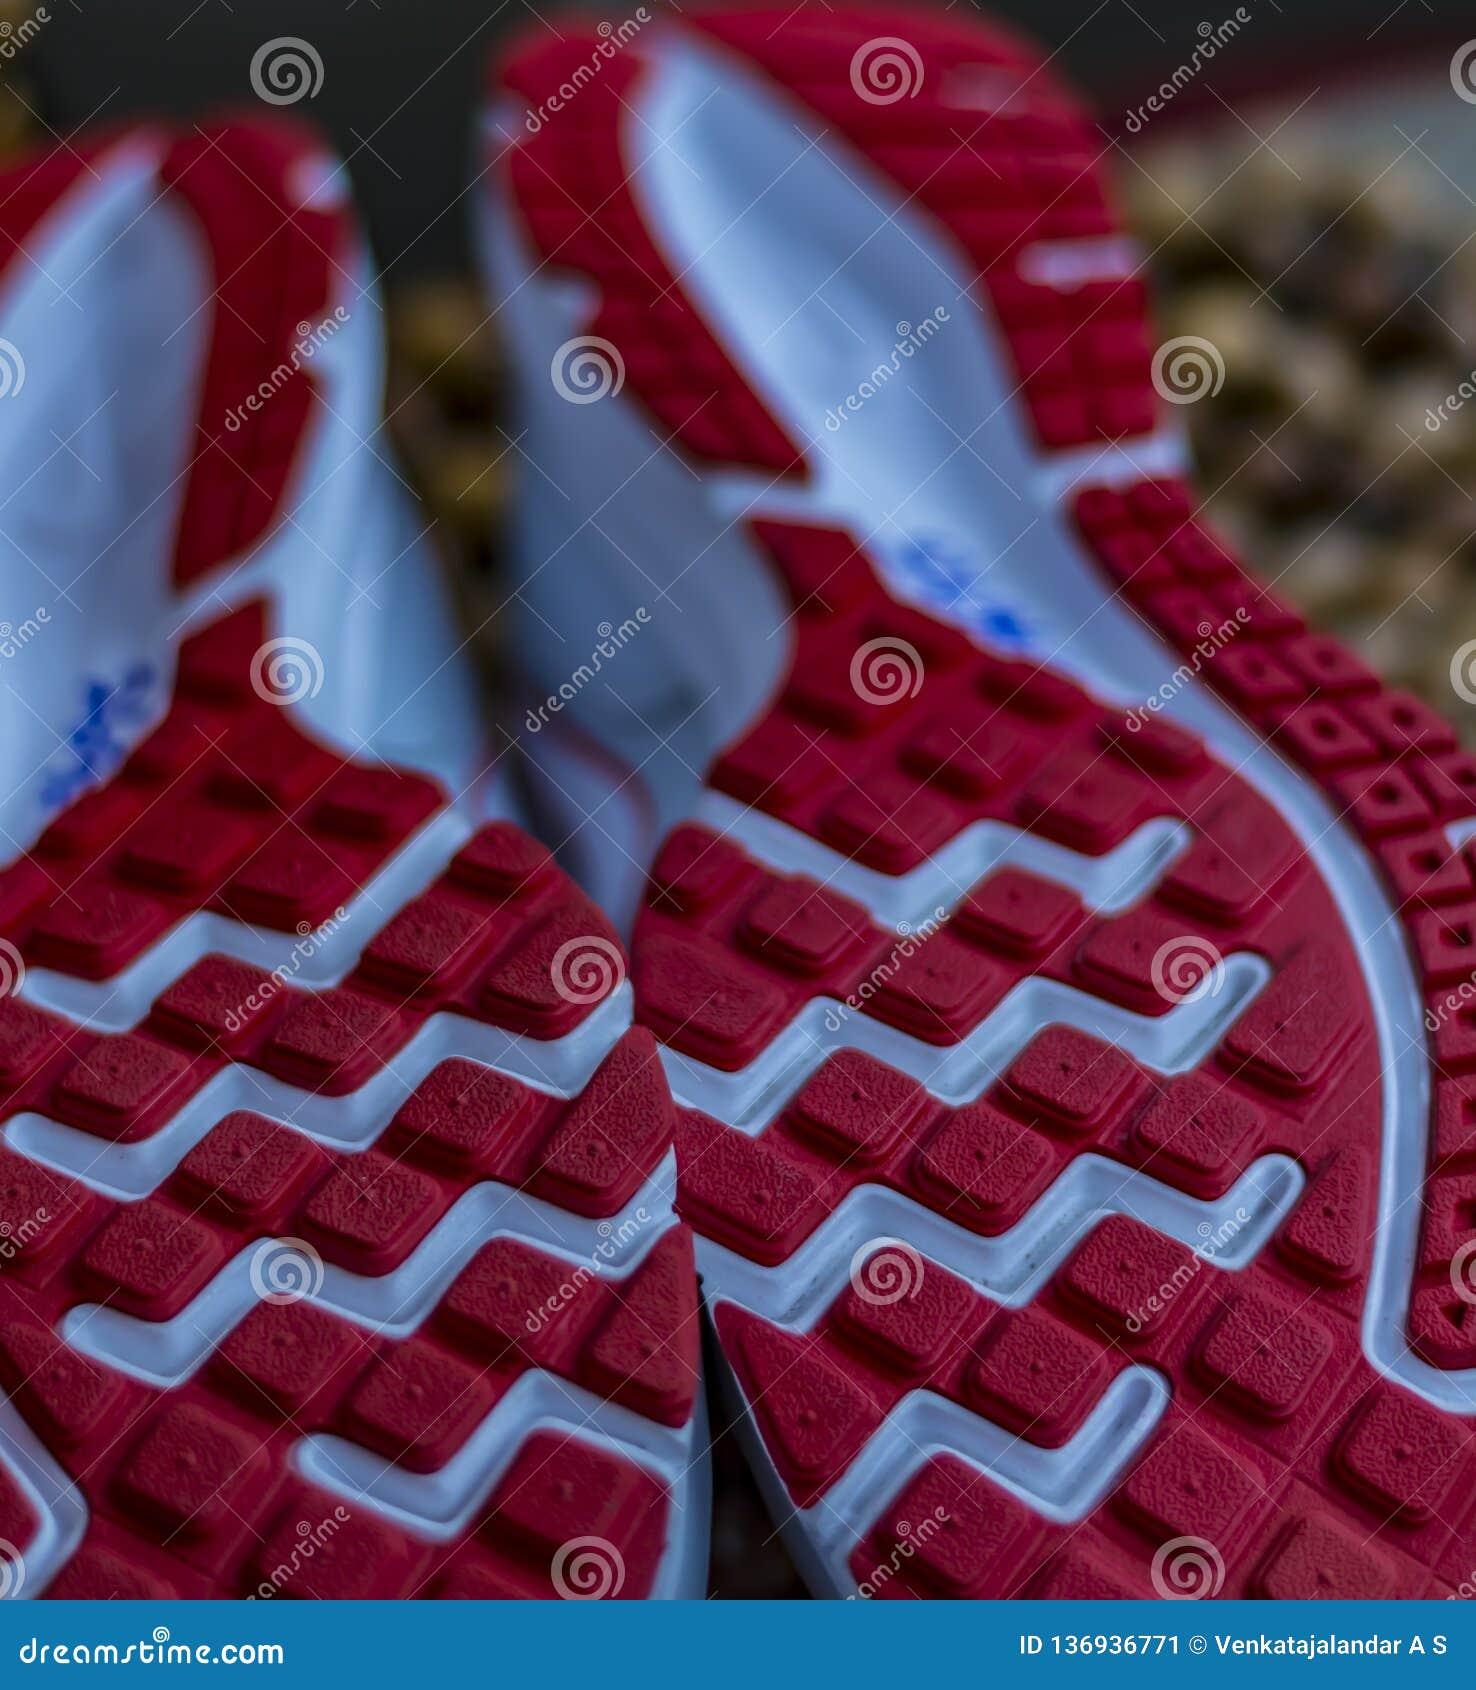 Nowy Początek: Obuwiana podeszwa, kolce, chwyty działający but